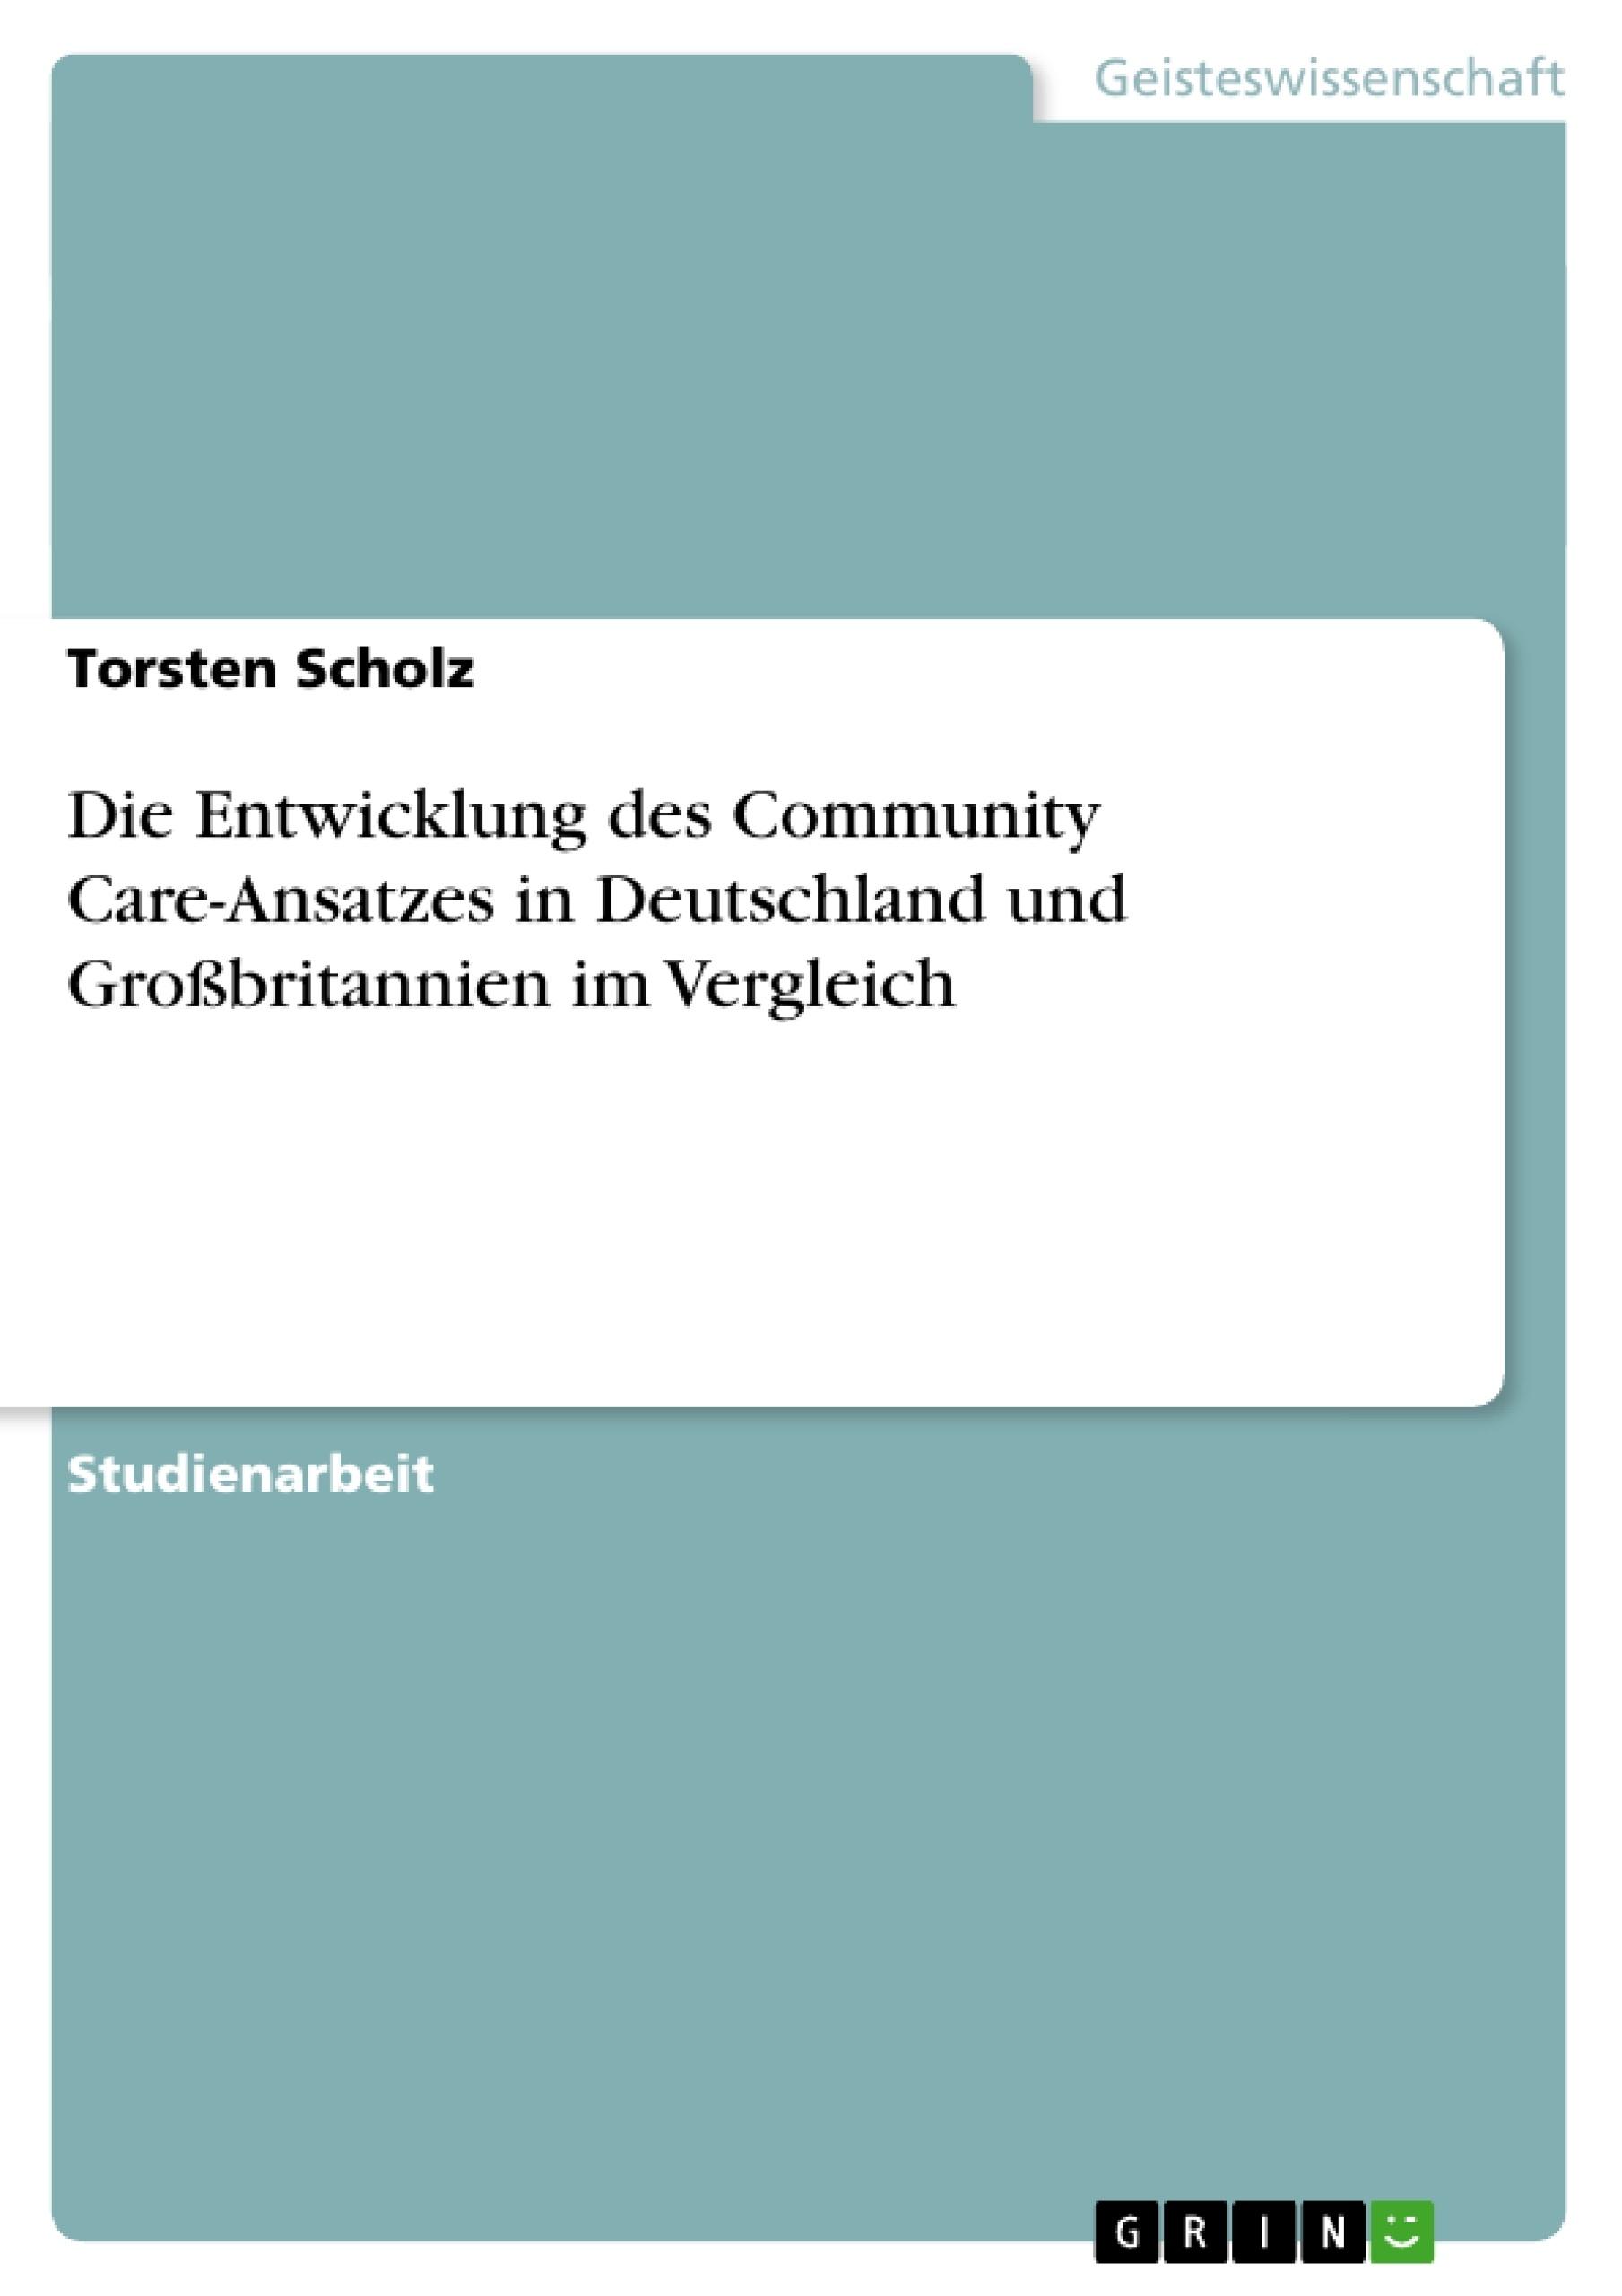 Titel: Die Entwicklung des Community Care-Ansatzes in Deutschland und Großbritannien im Vergleich